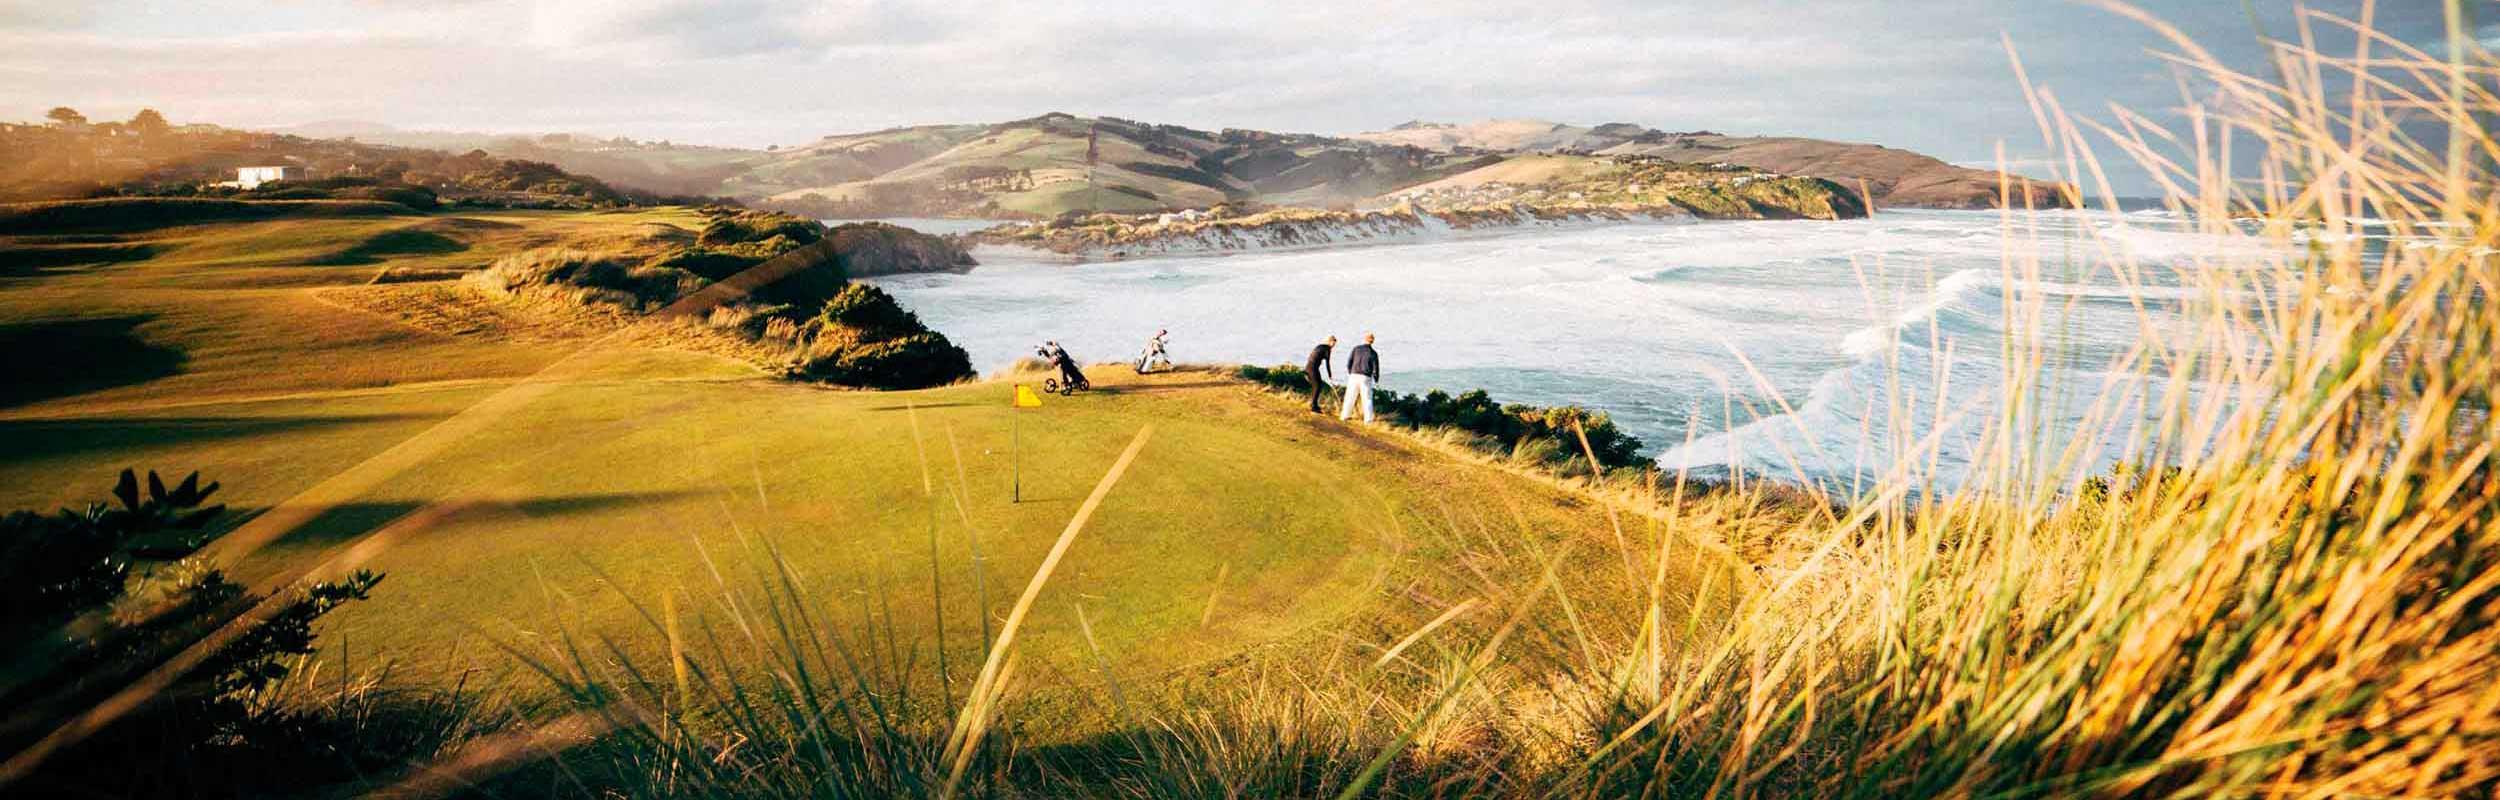 Dunedin golf course New Zealand